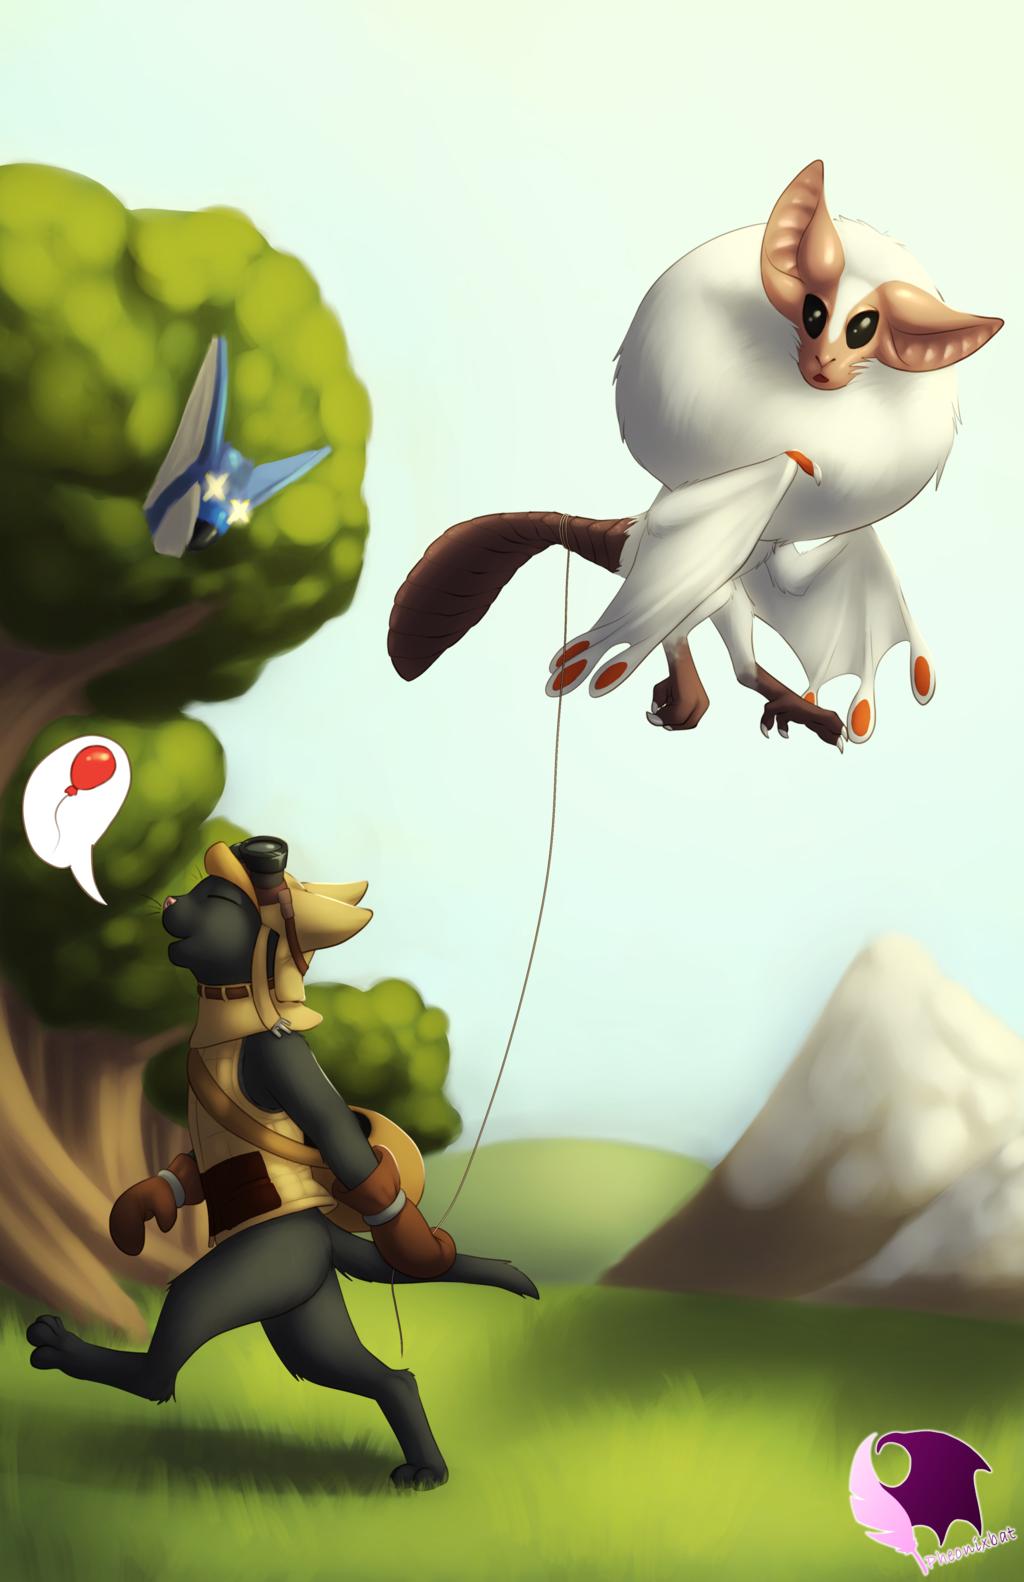 Free Balloon!